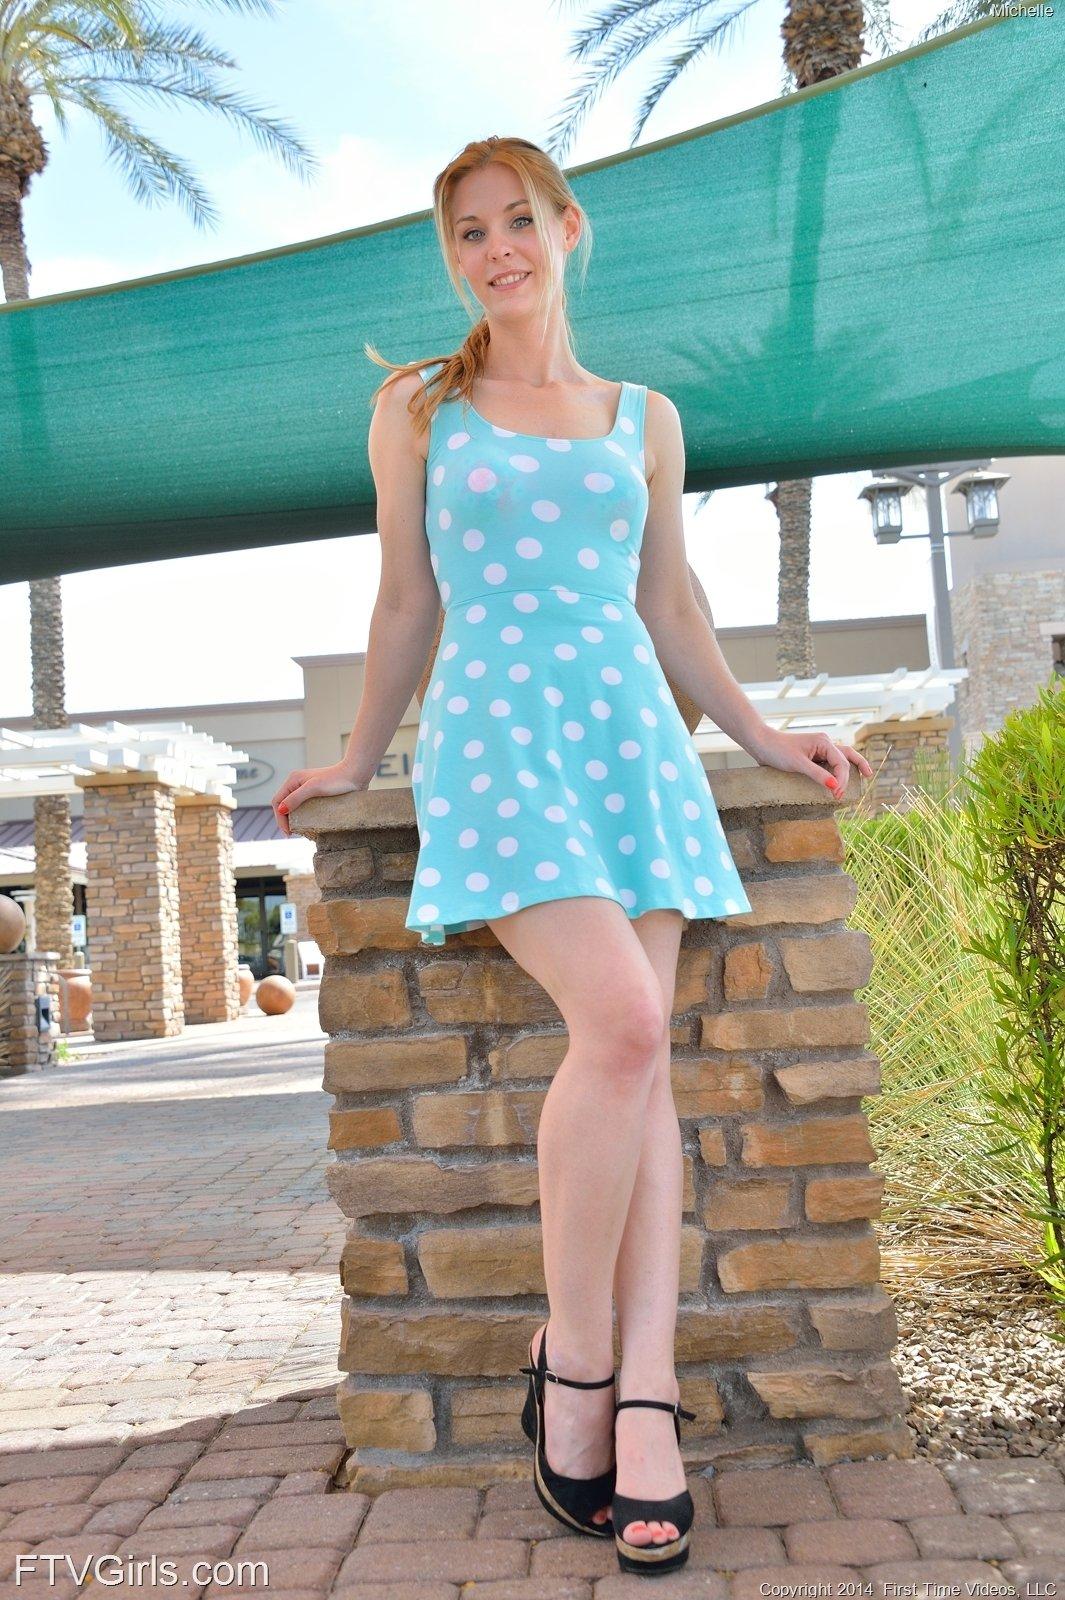 Блондиночка гуляла в коротком платье без нижнего белья, возбудилась и пошла домой мастурбировать